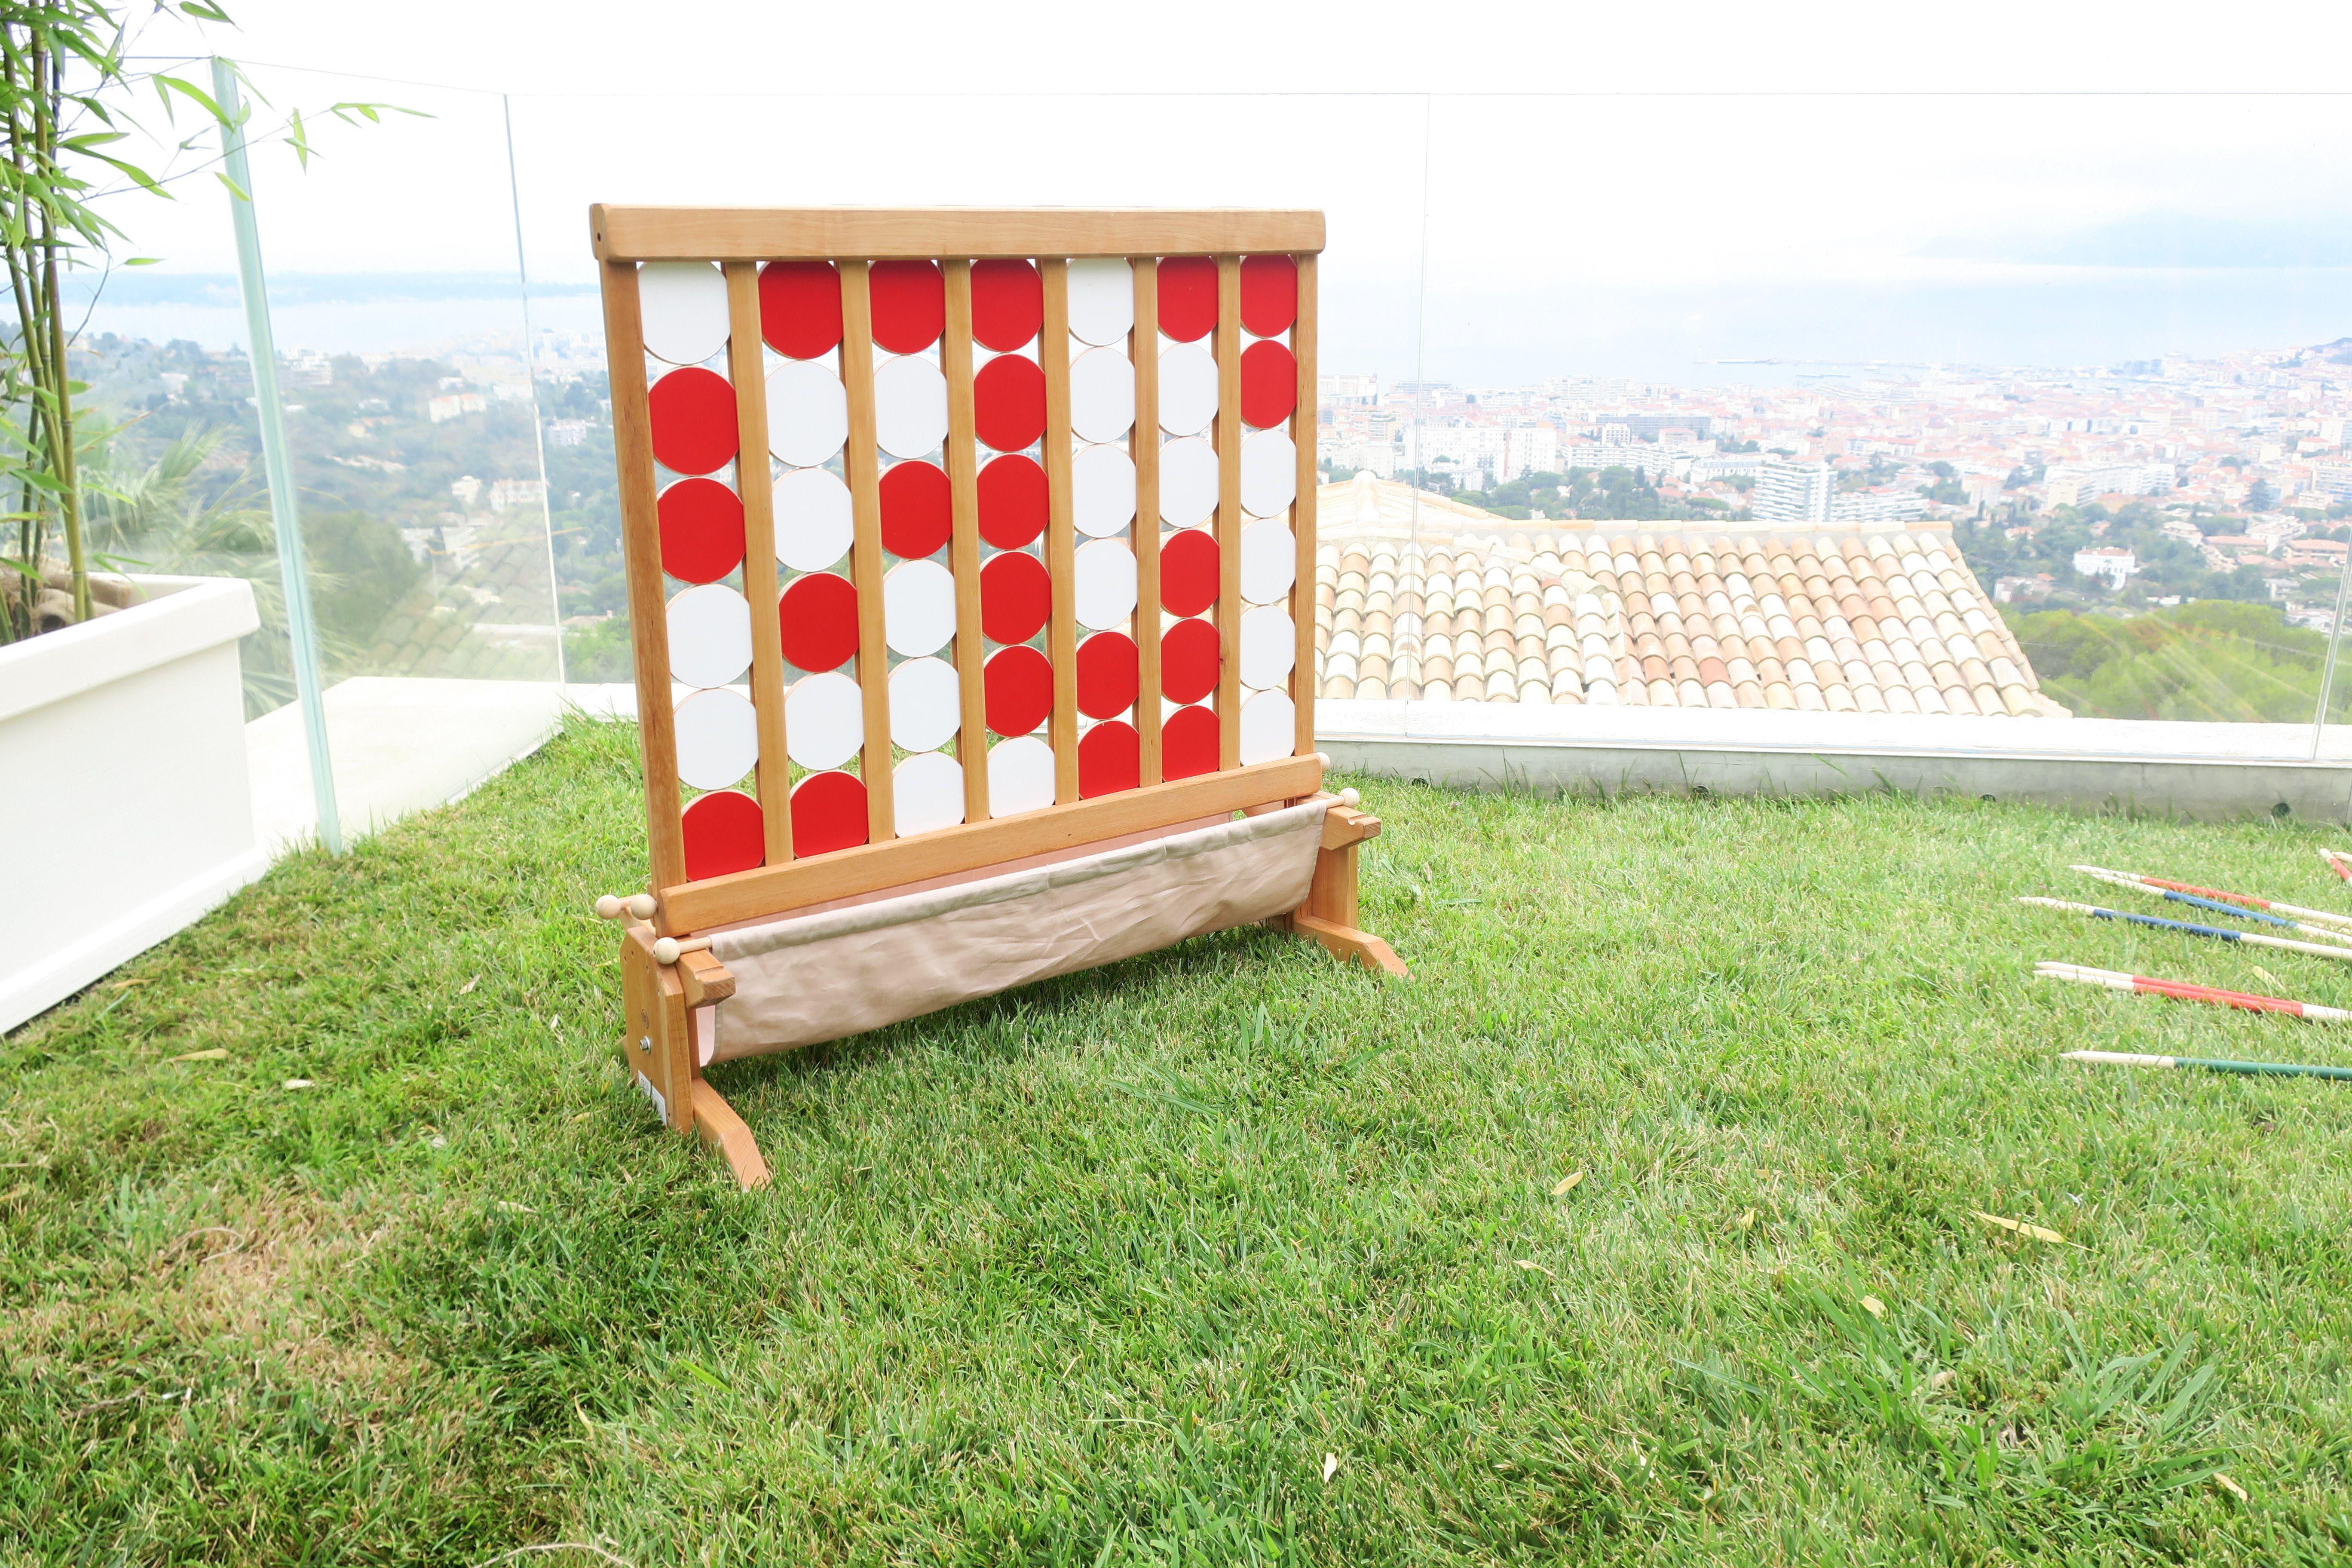 Table Basse Lego Geant puissance 4 géant jeux en bois   jeux en bois, jeux ludique